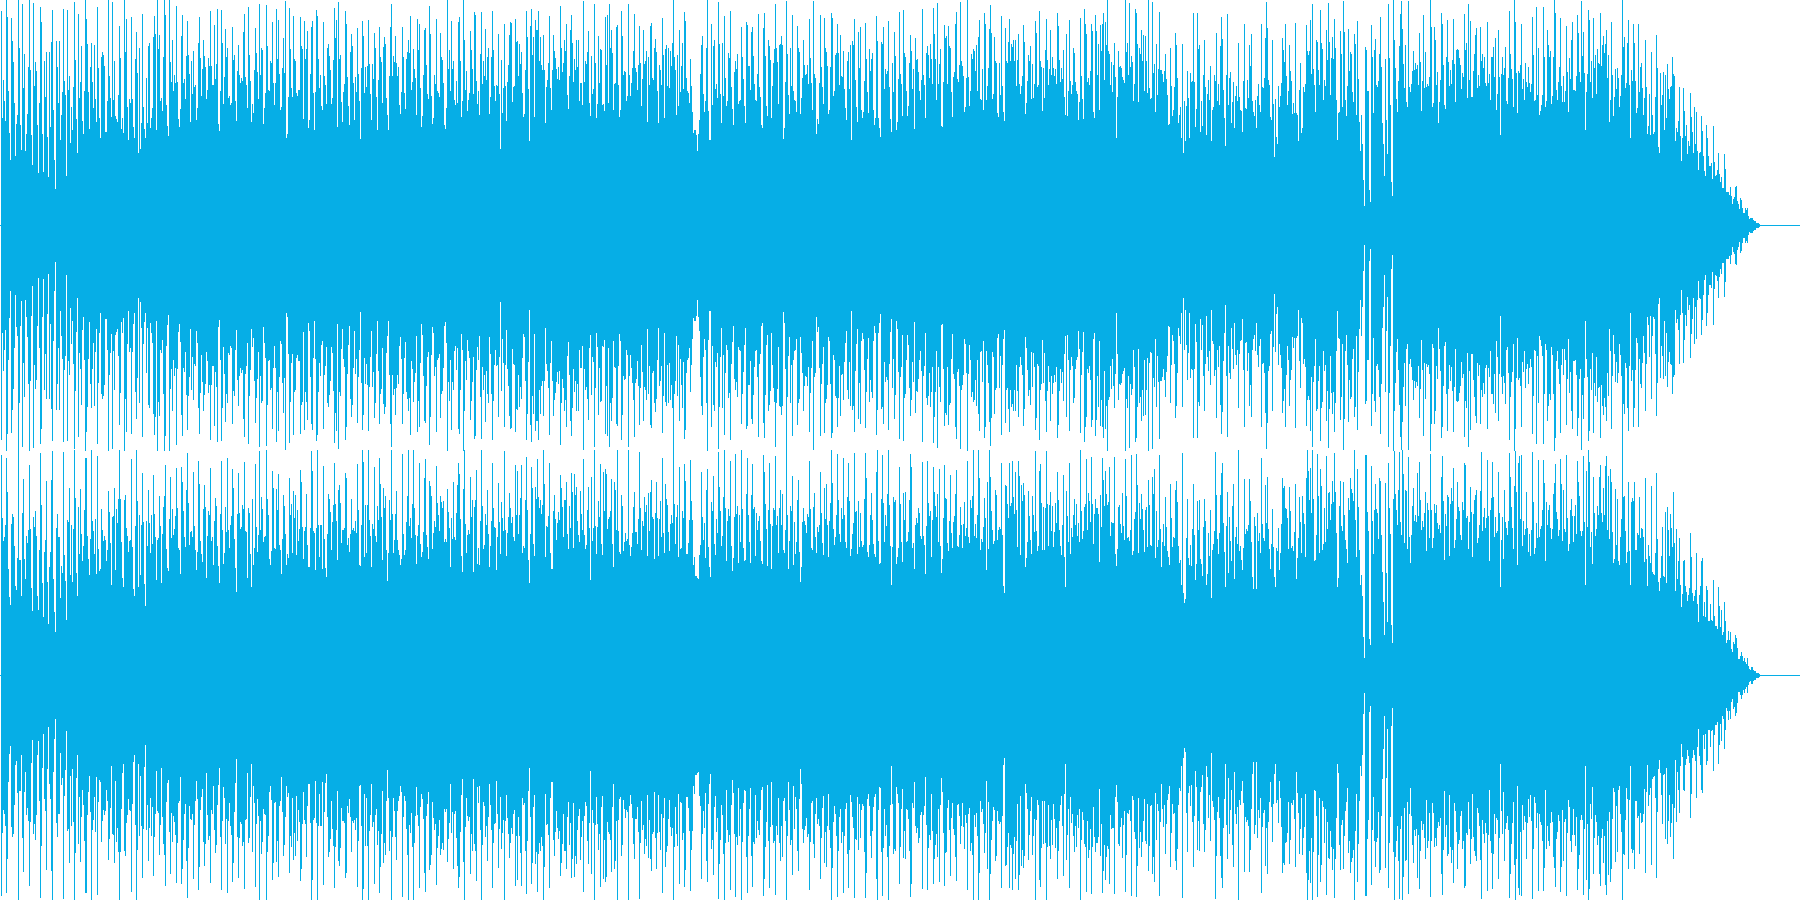 タム回しが印象的なポップロックの再生済みの波形